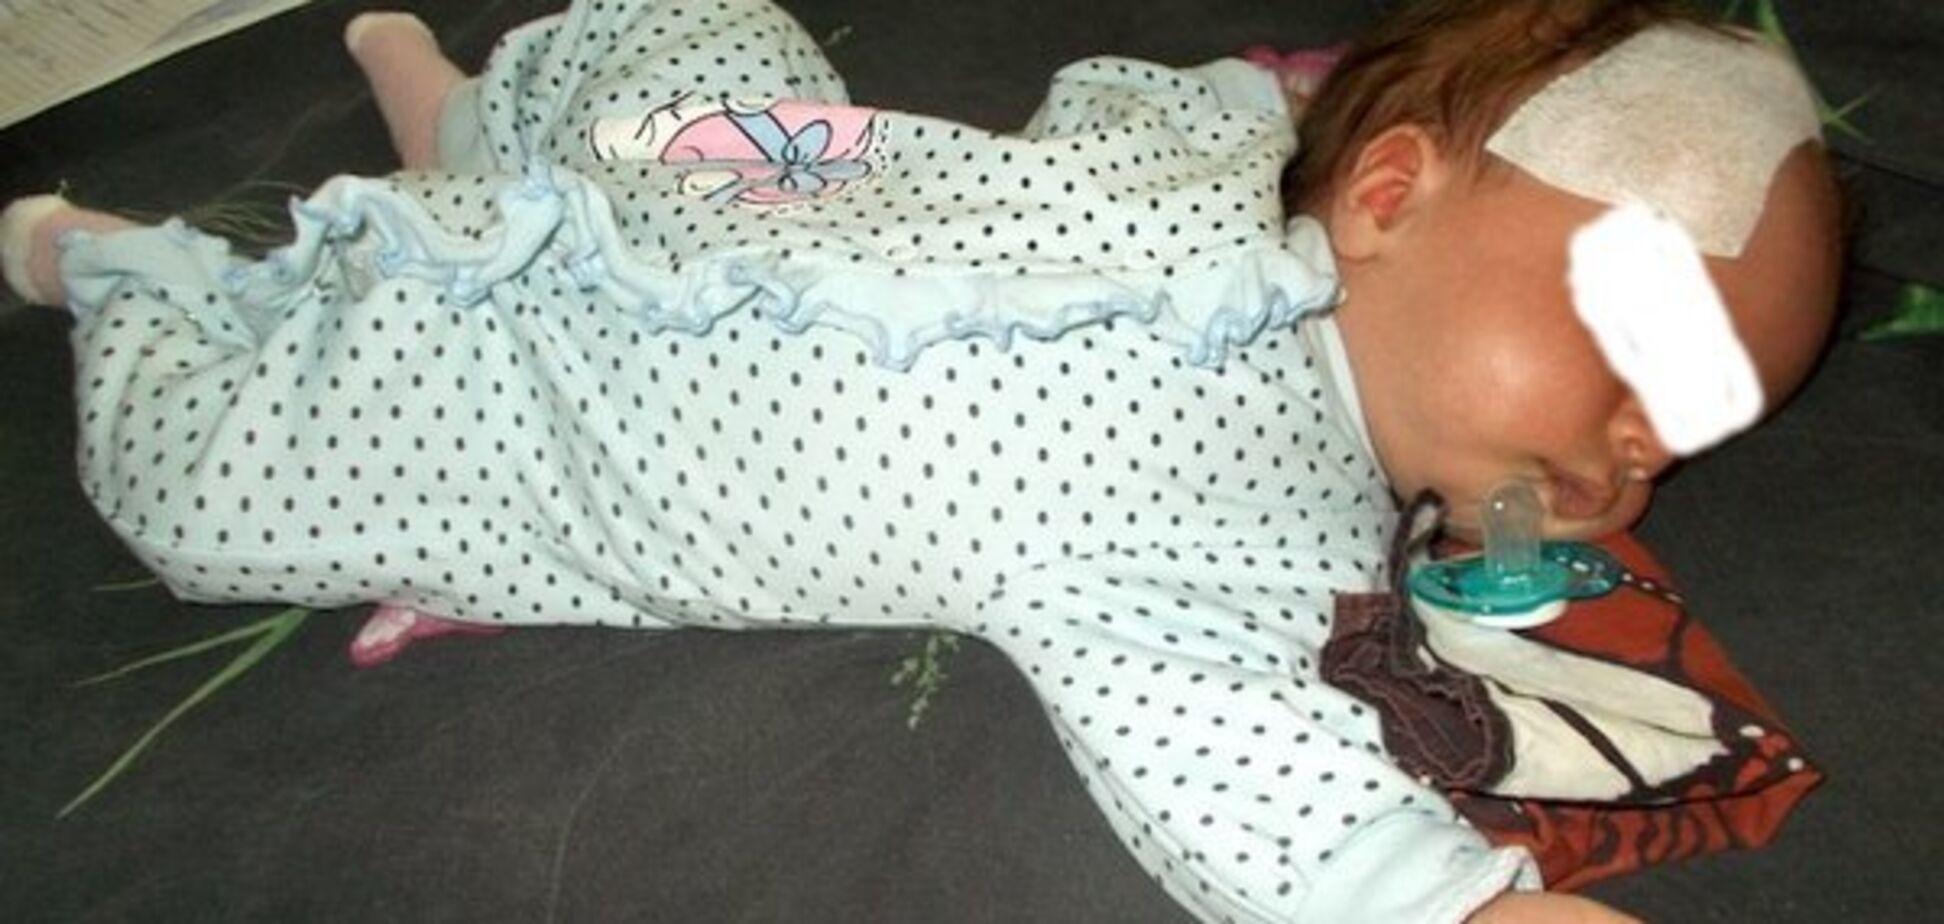 Помер два роки тому: з'явилися дивні факти про знайдену в Києві могилу дитини